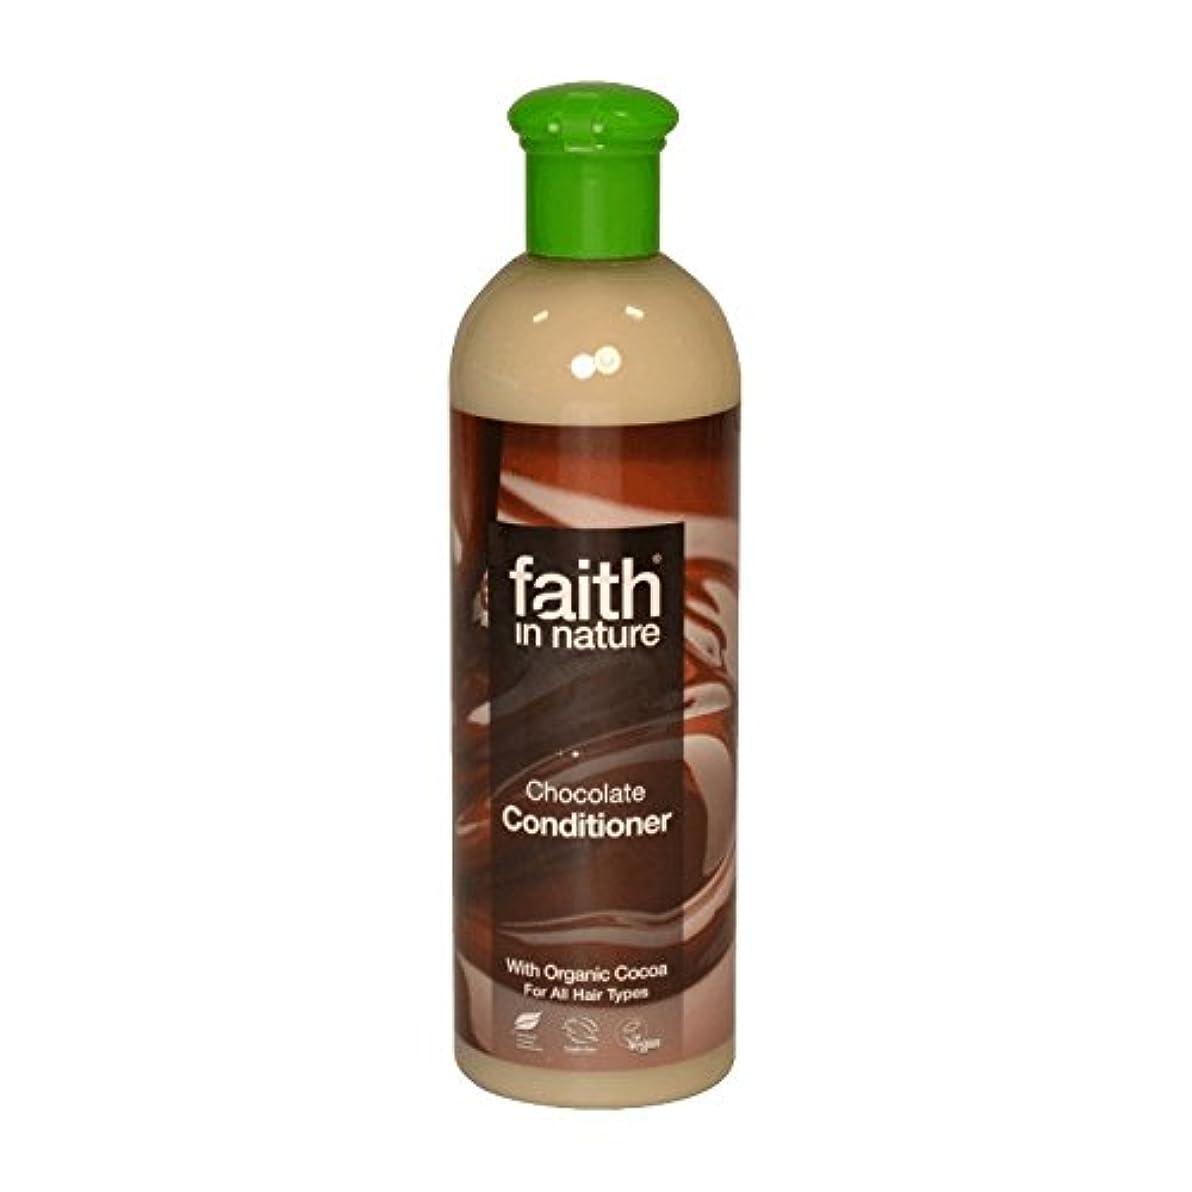 国際地中海さまよう自然チョコレートコンディショナー400ミリリットルの信仰 - Faith In Nature Chocolate Conditioner 400ml (Faith in Nature) [並行輸入品]